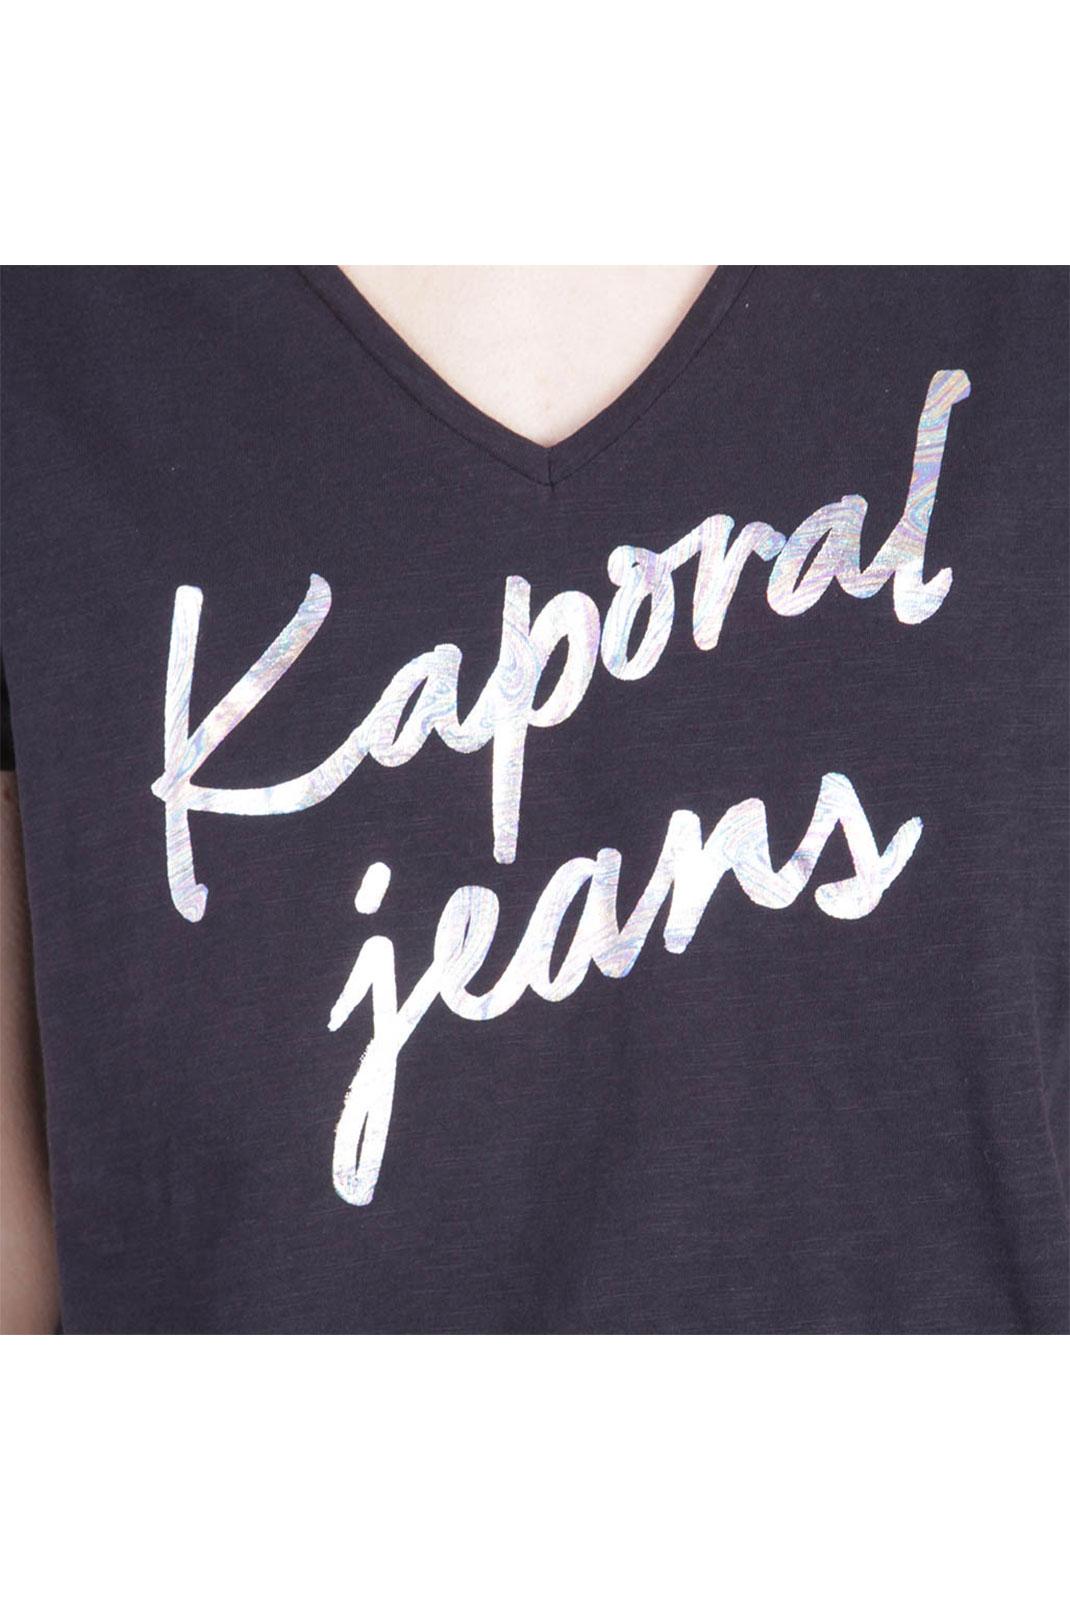 Tee shirt  Kaporal BOYL MARINE